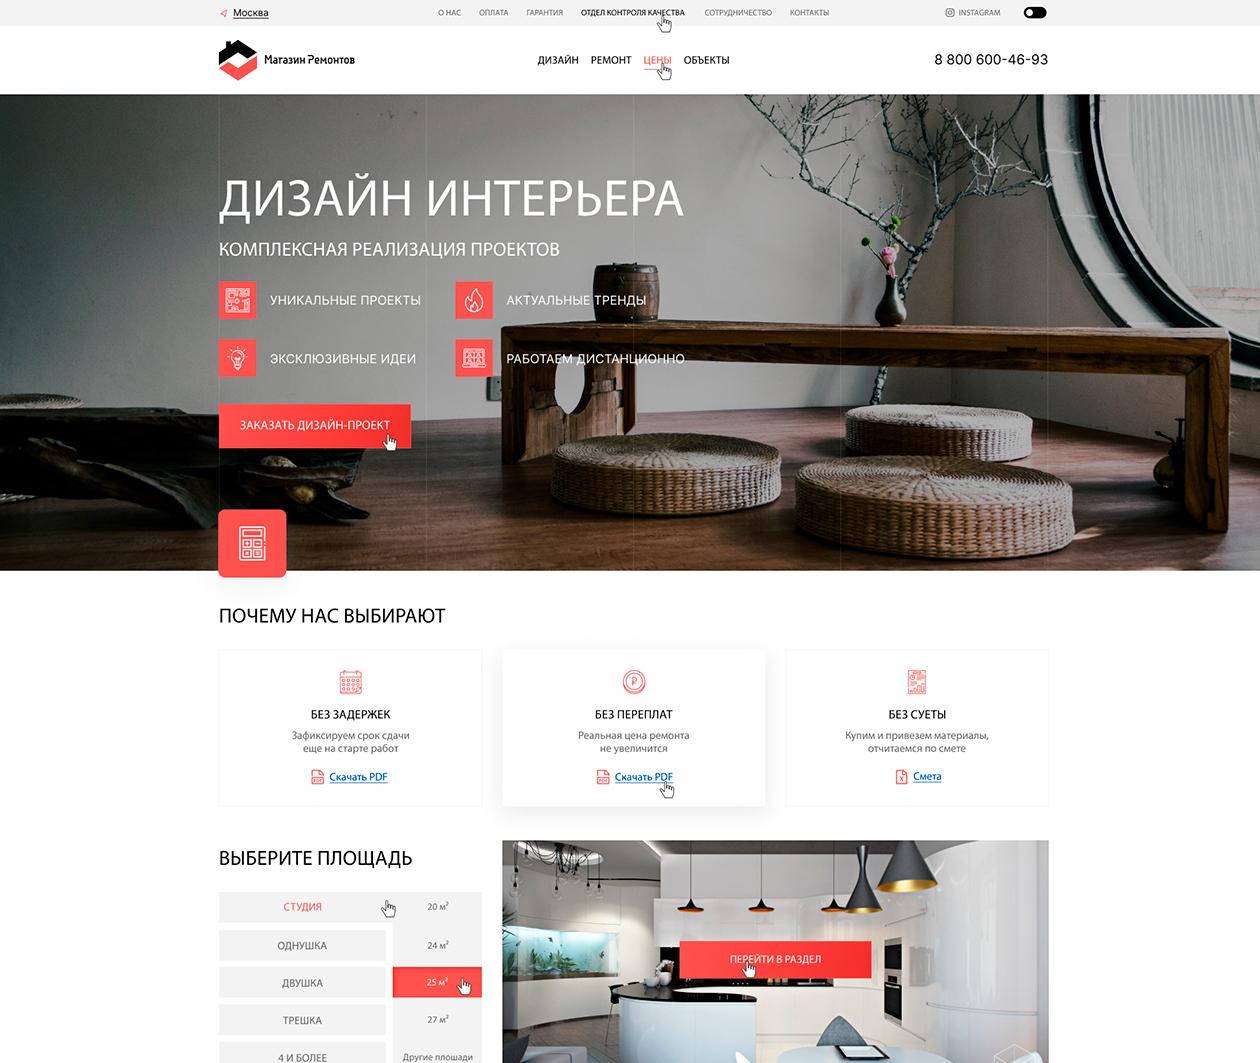 Корпоративный сайт по дизайну интерьера